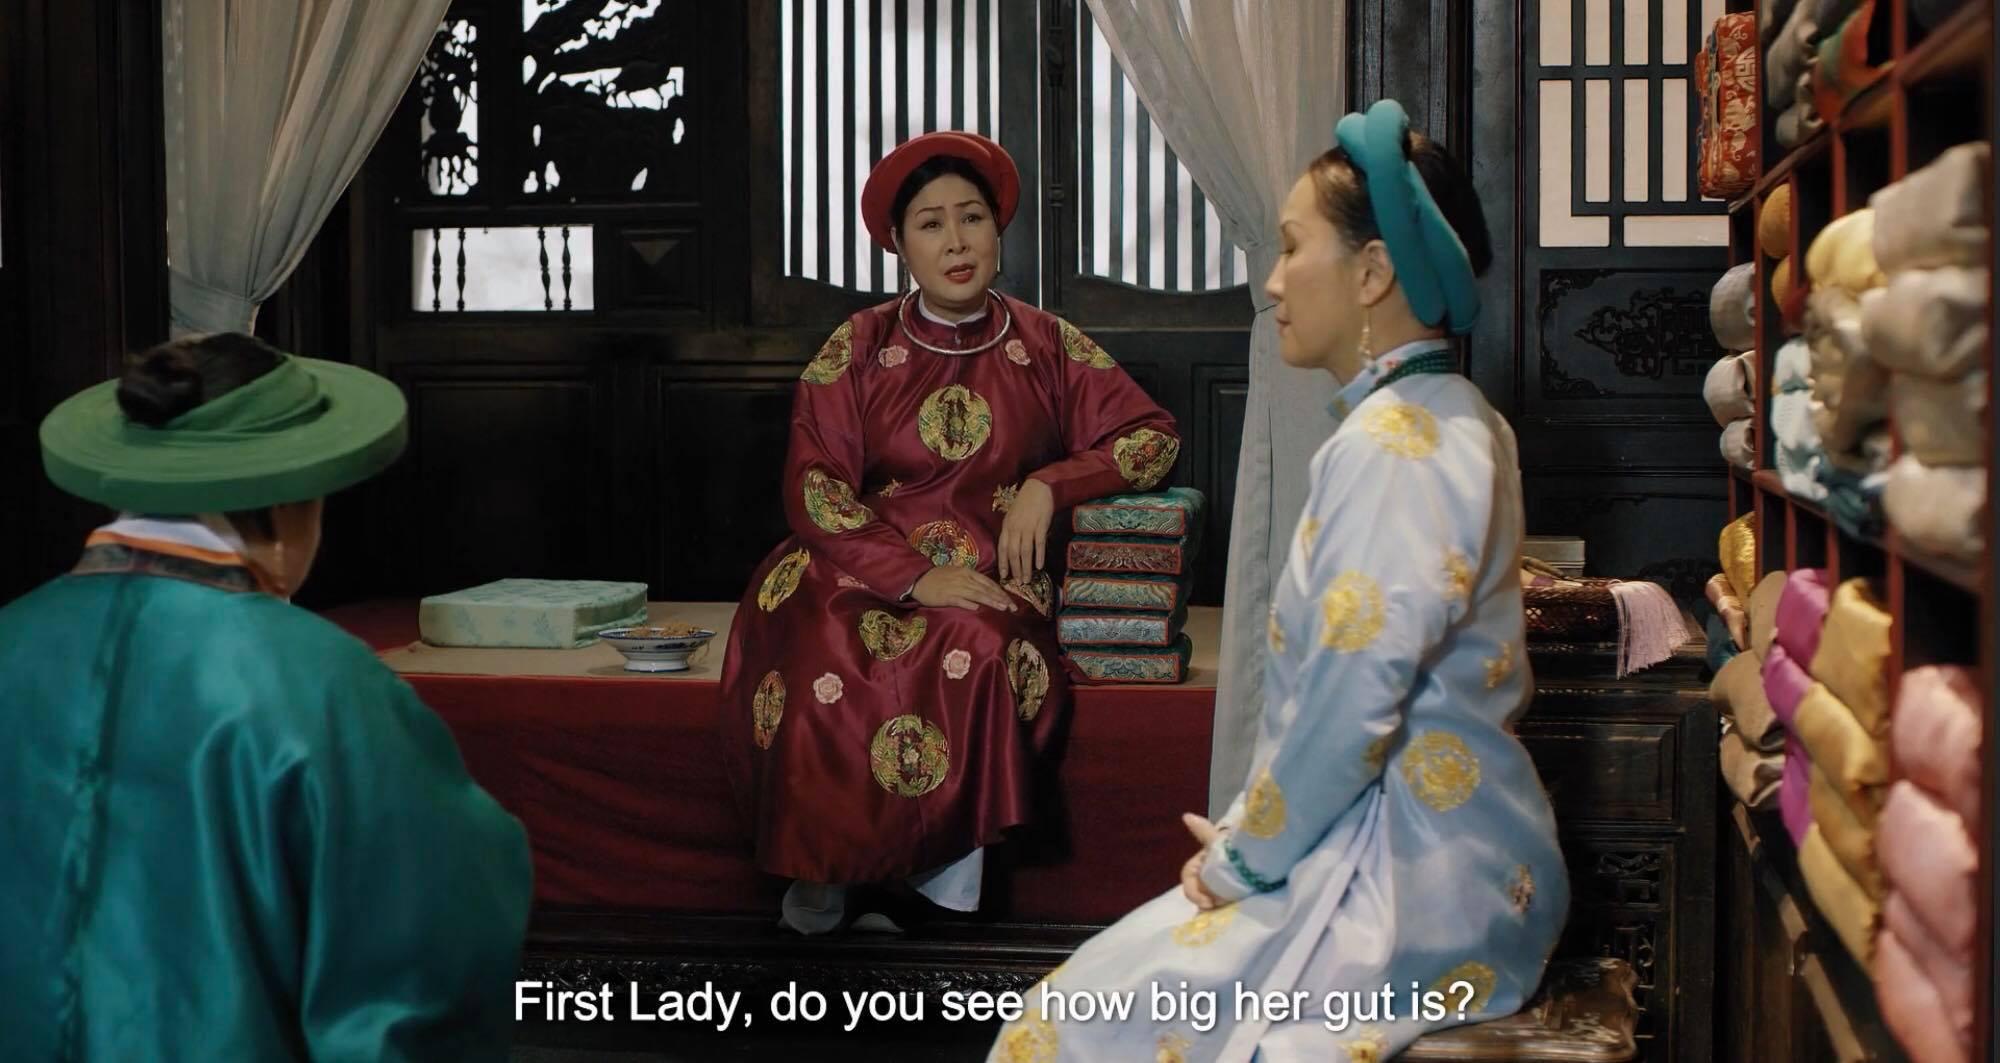 Phương Nhậm dằn mặt Nguyên cơ:'cô nên nhớ tôi mới là người được trao quyền cai quản lục thượng chứ không phải là cô'.